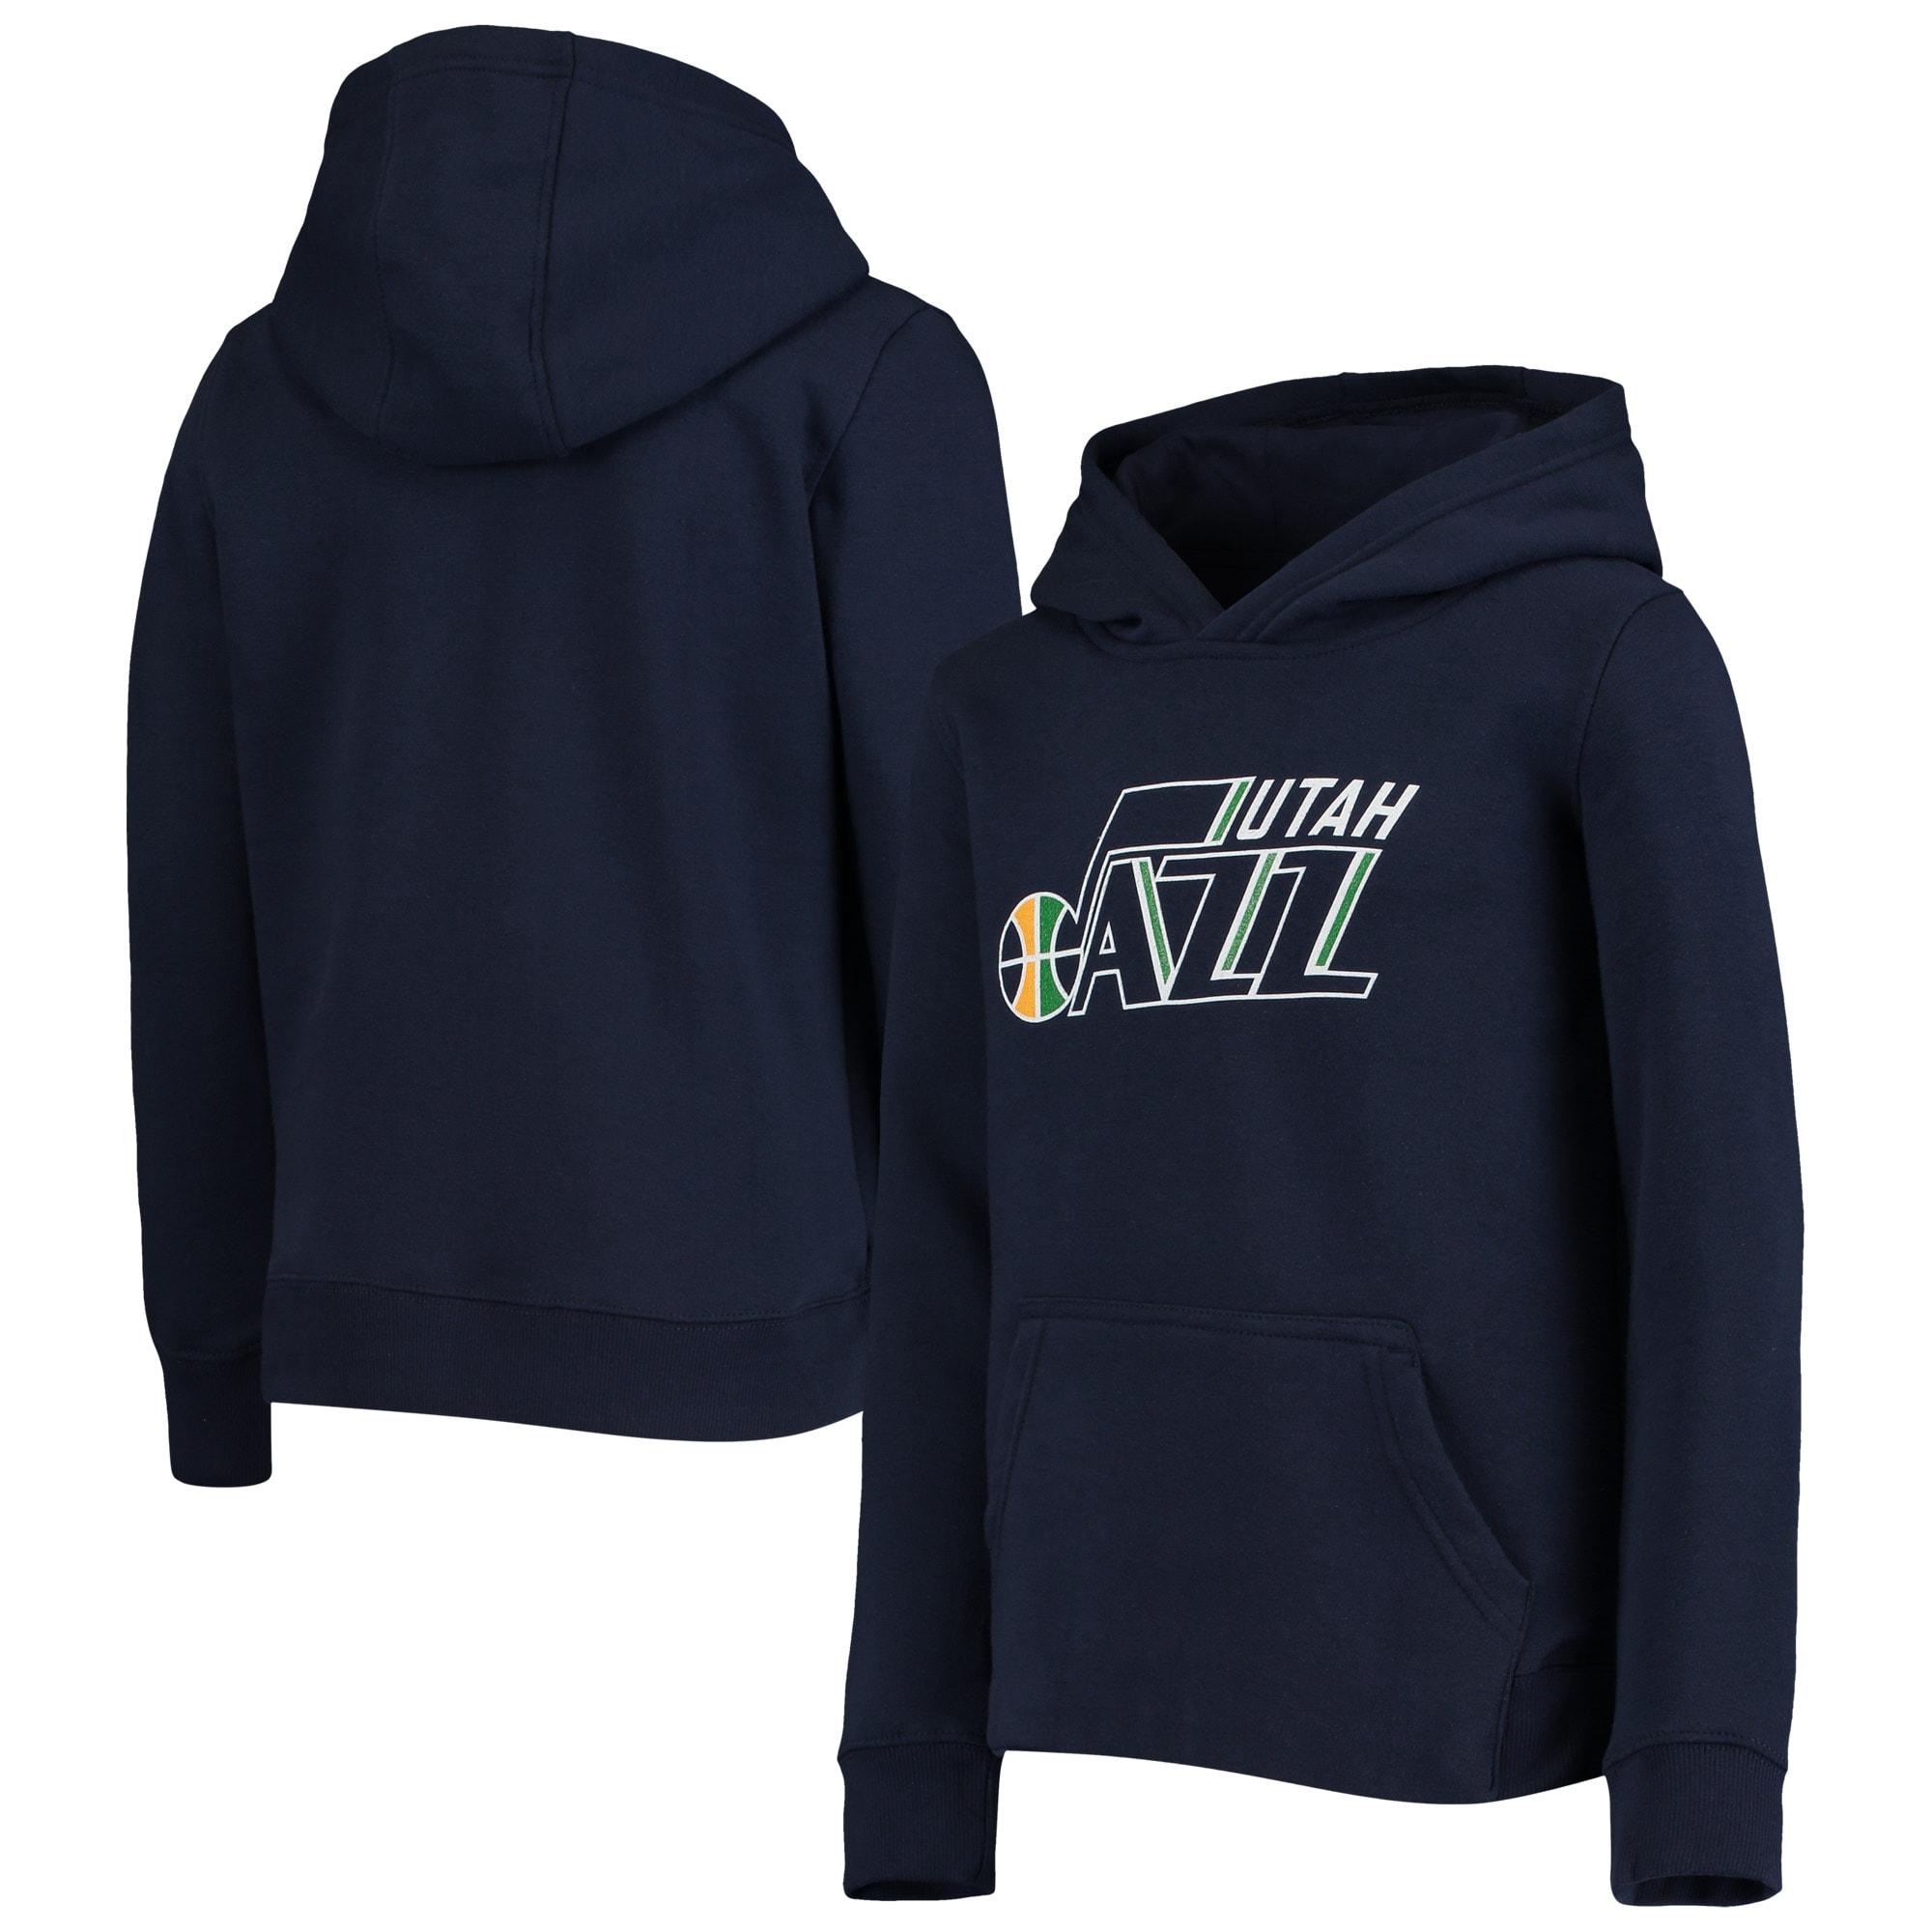 Utah Jazz Youth Primary Logo Fleece Pullover Hoodie - Navy